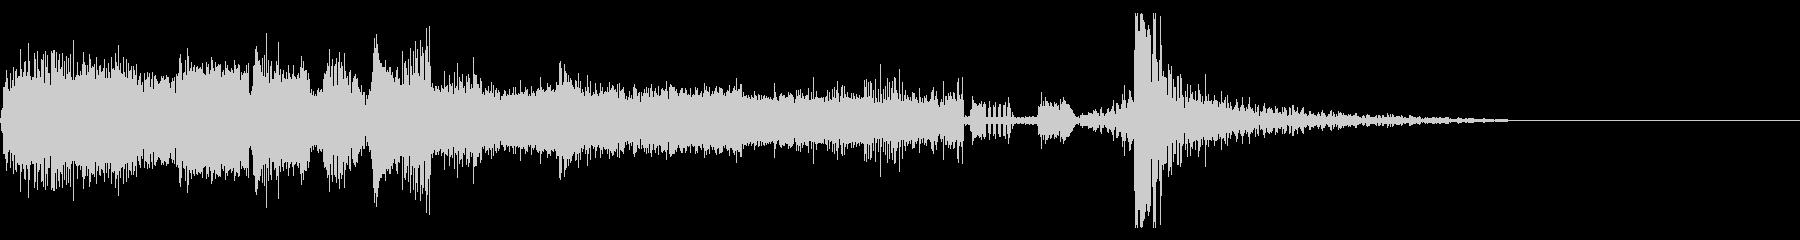 FMラジオ的ジングル10の未再生の波形